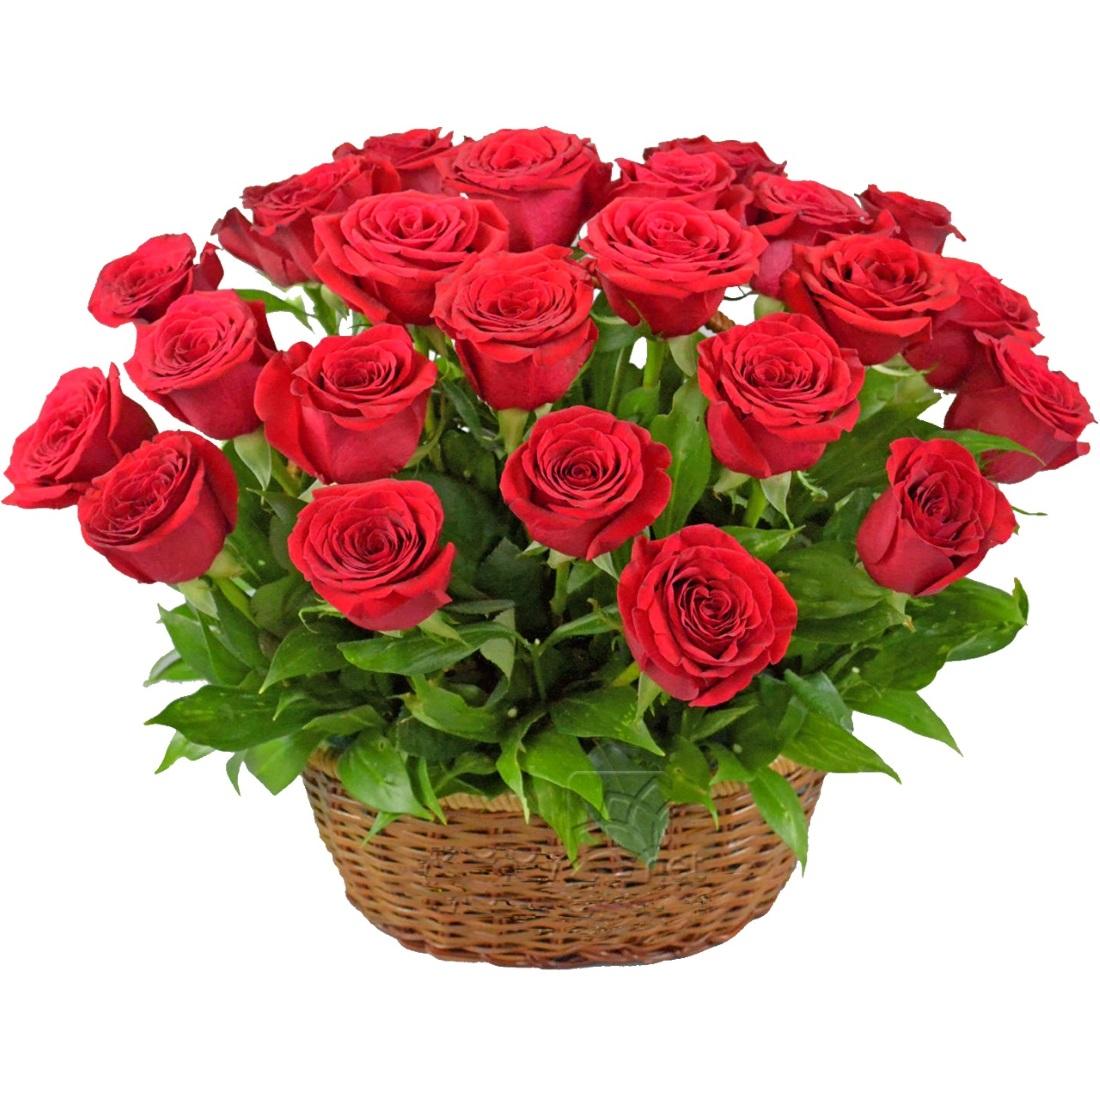 Тему моя, открытка с днем рождения женщине розы красные в корзине